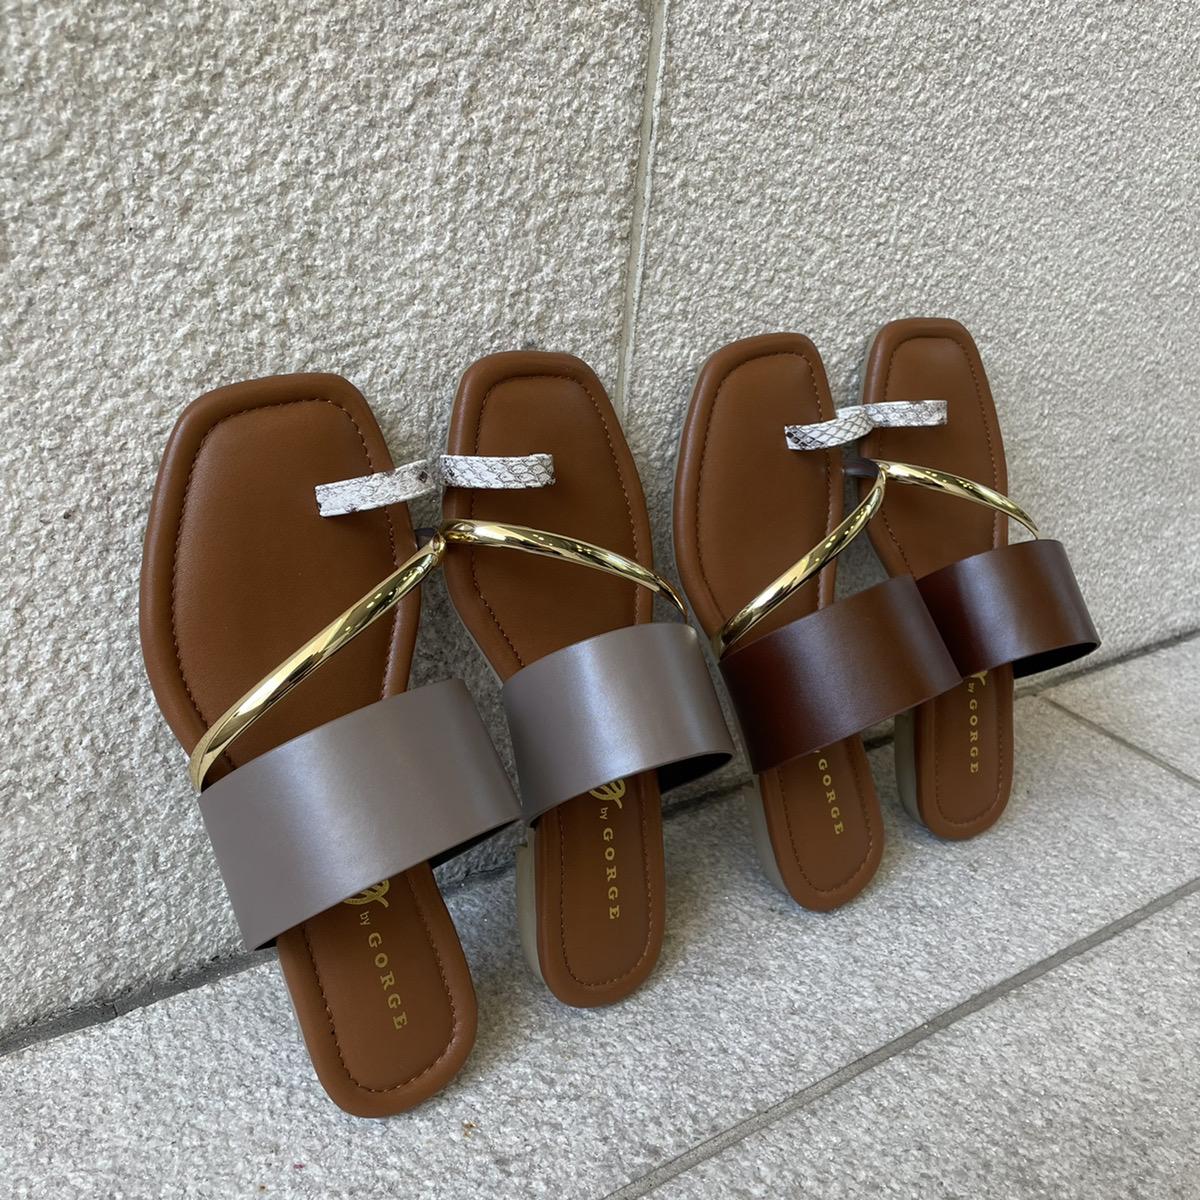 【6/3再入荷】ゴールドパーツトングサンダル